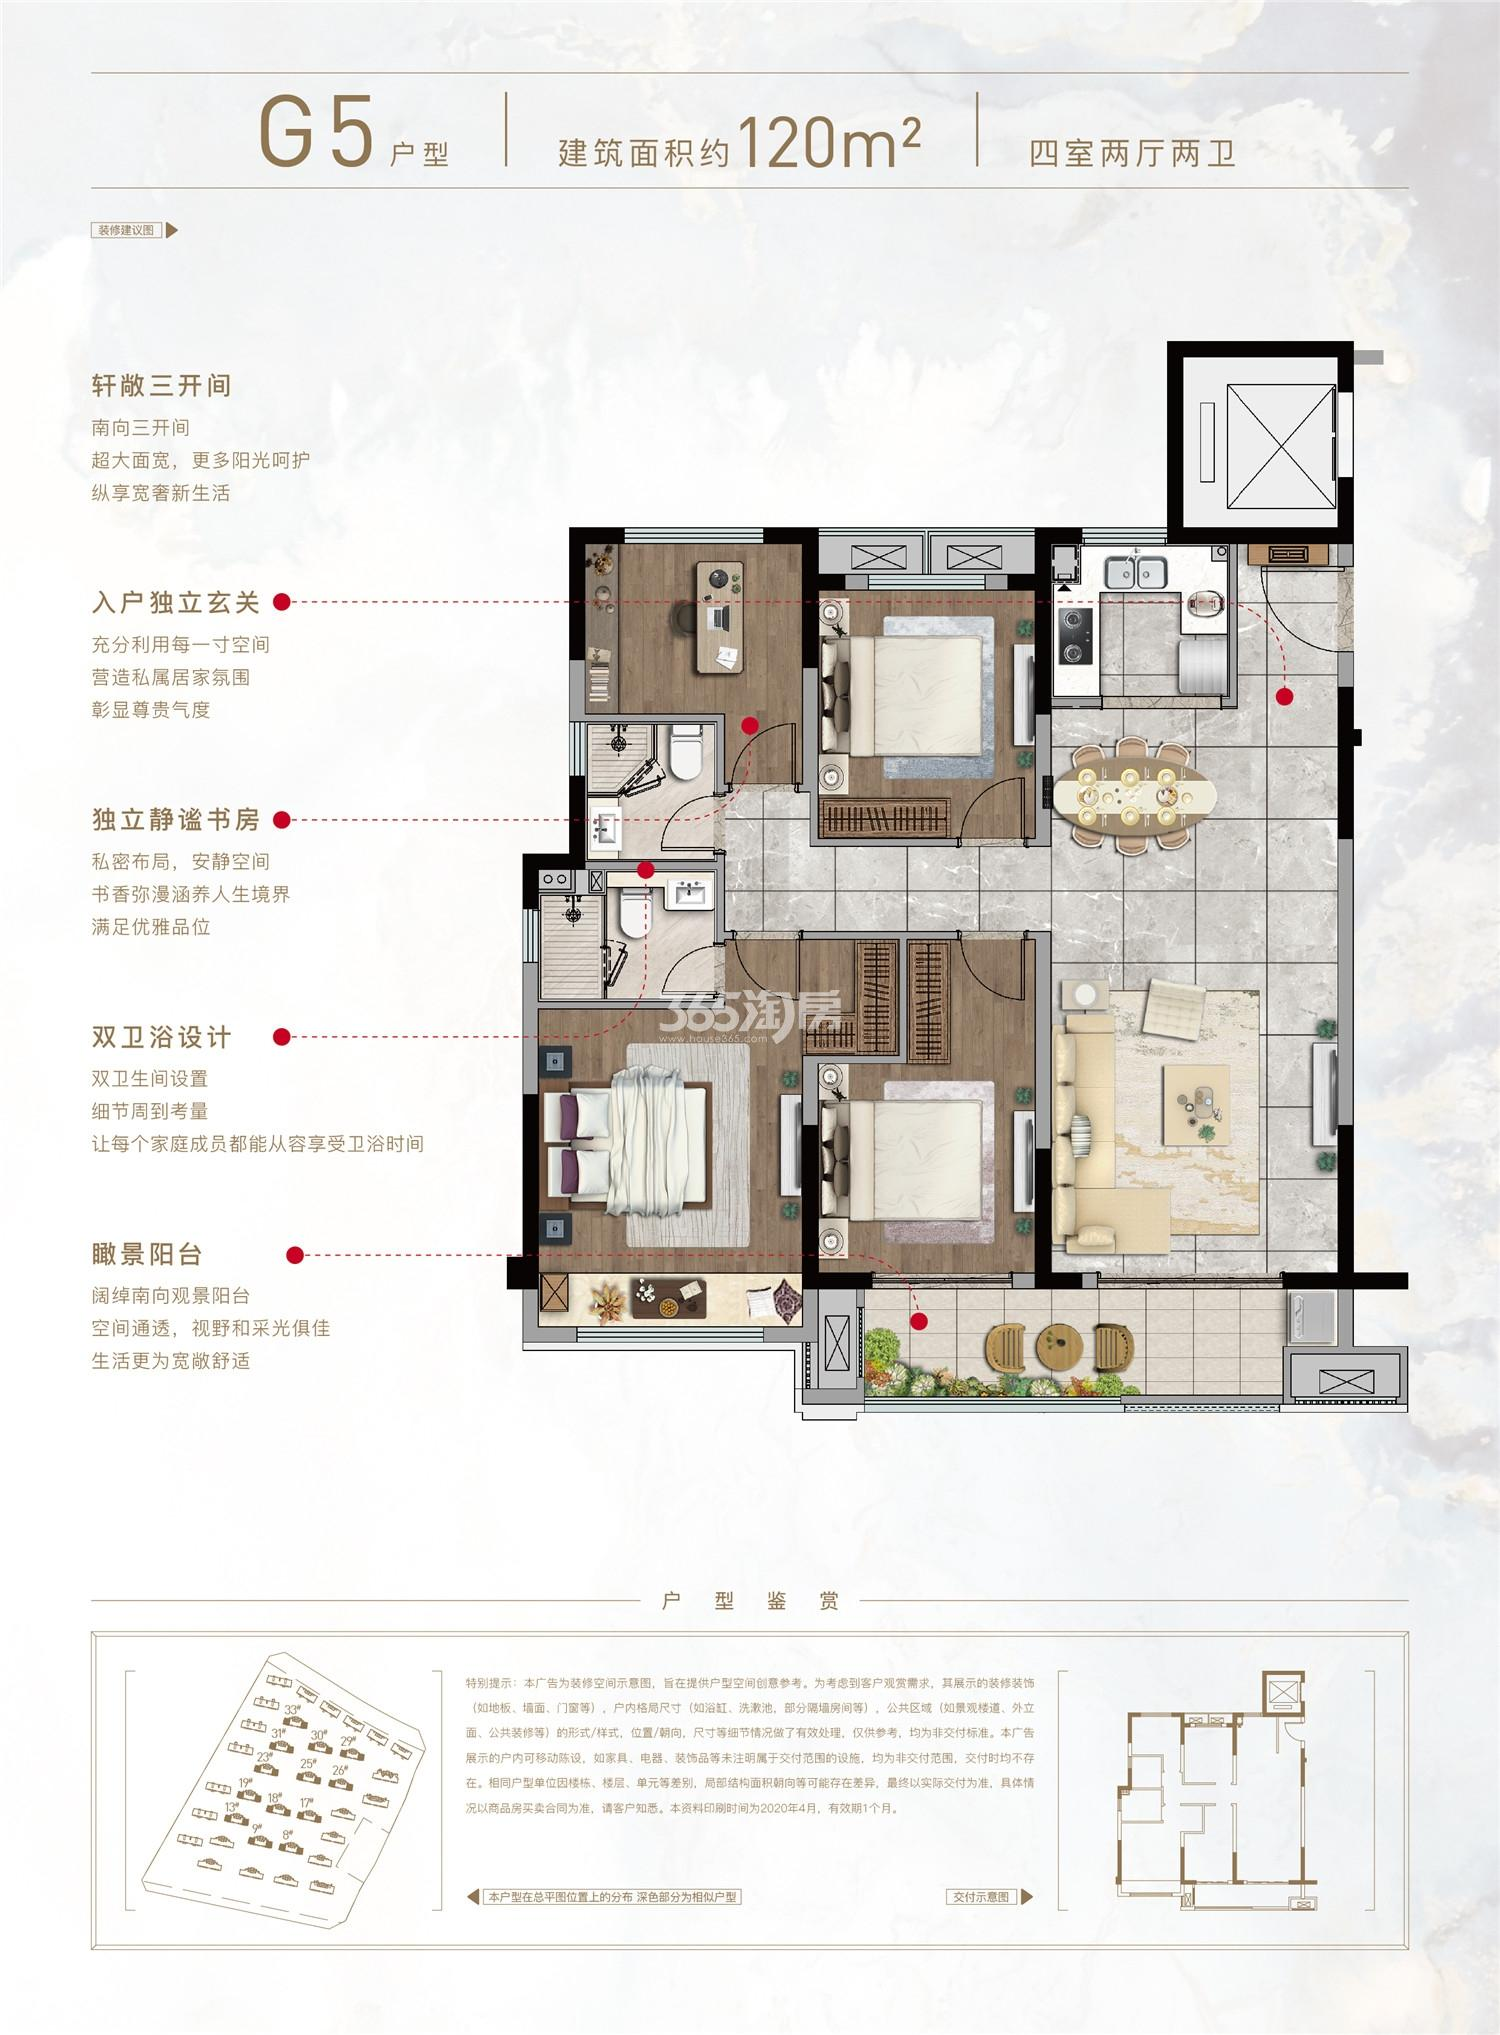 华鸿·鸿樾府G5,120㎡户型图